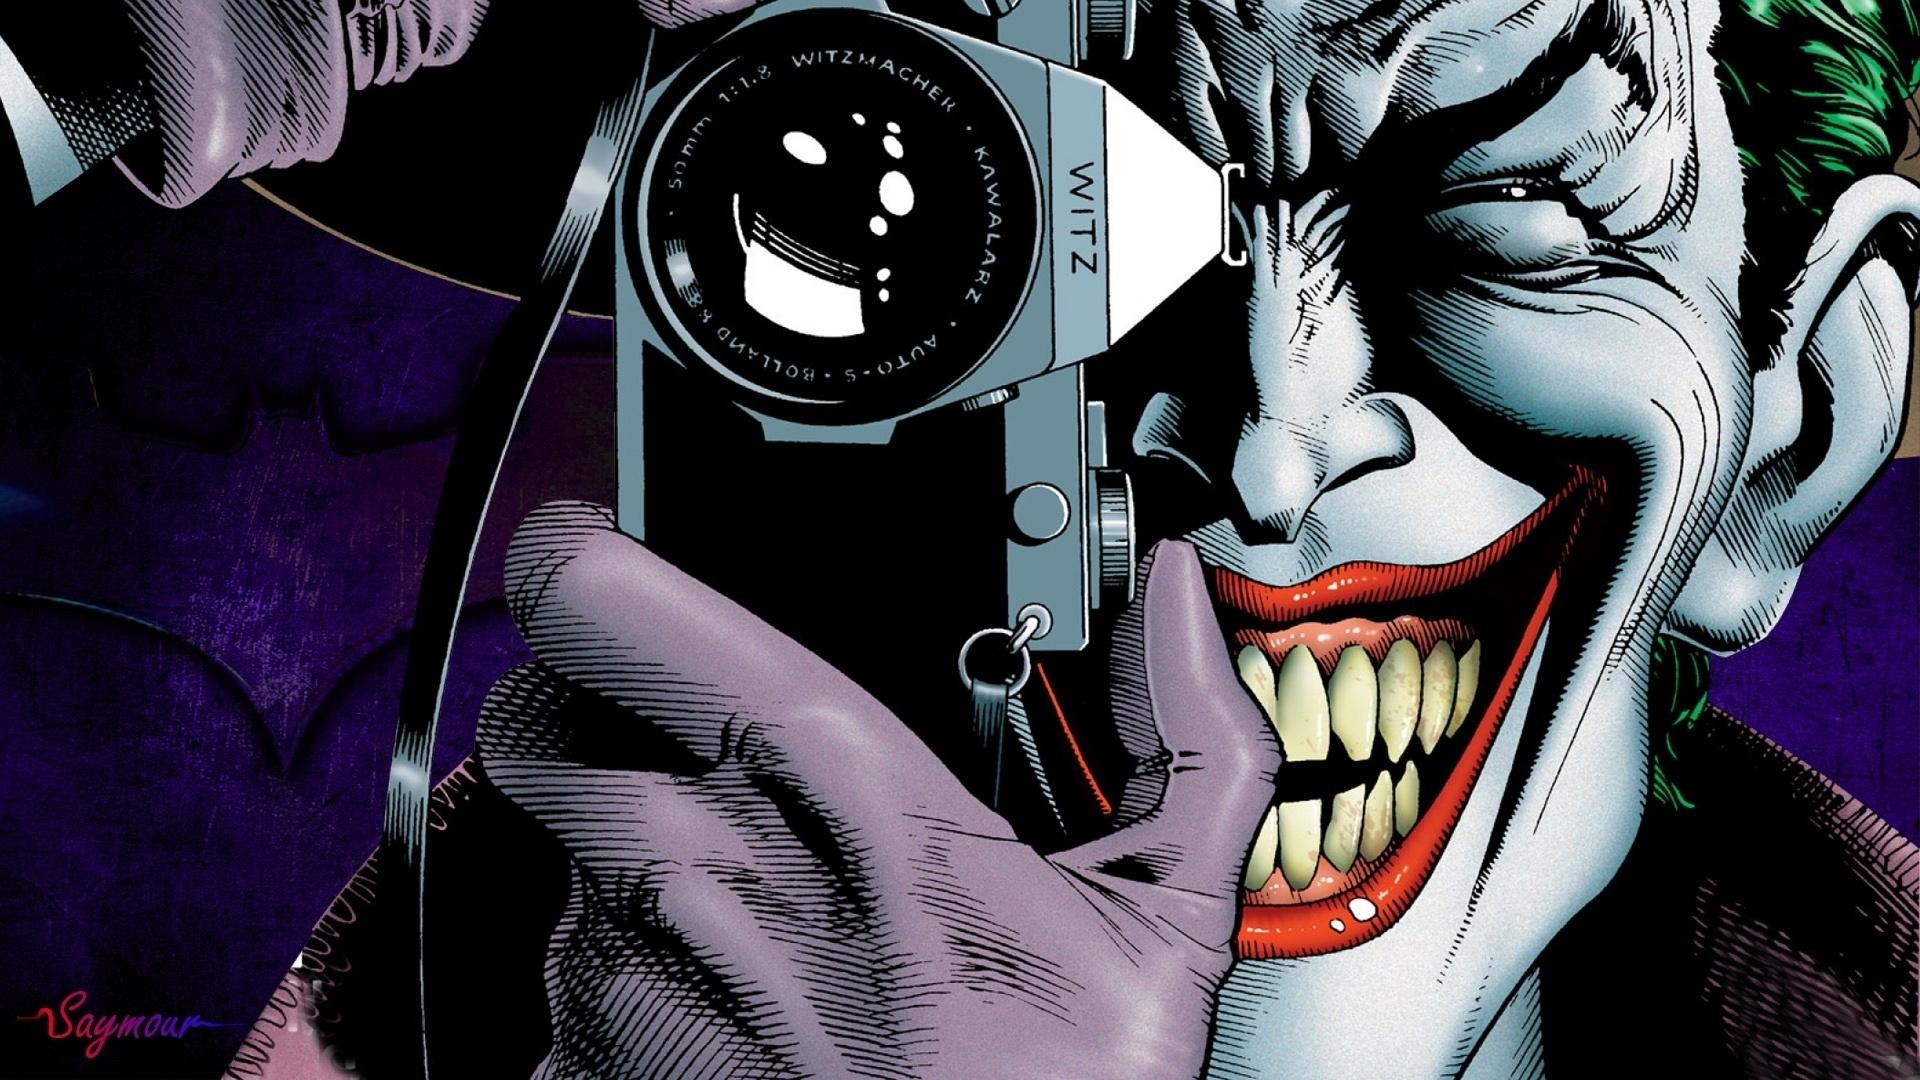 10 Best Wallpaper Of The Joker Full Hd 1920 1080 For Pc Background